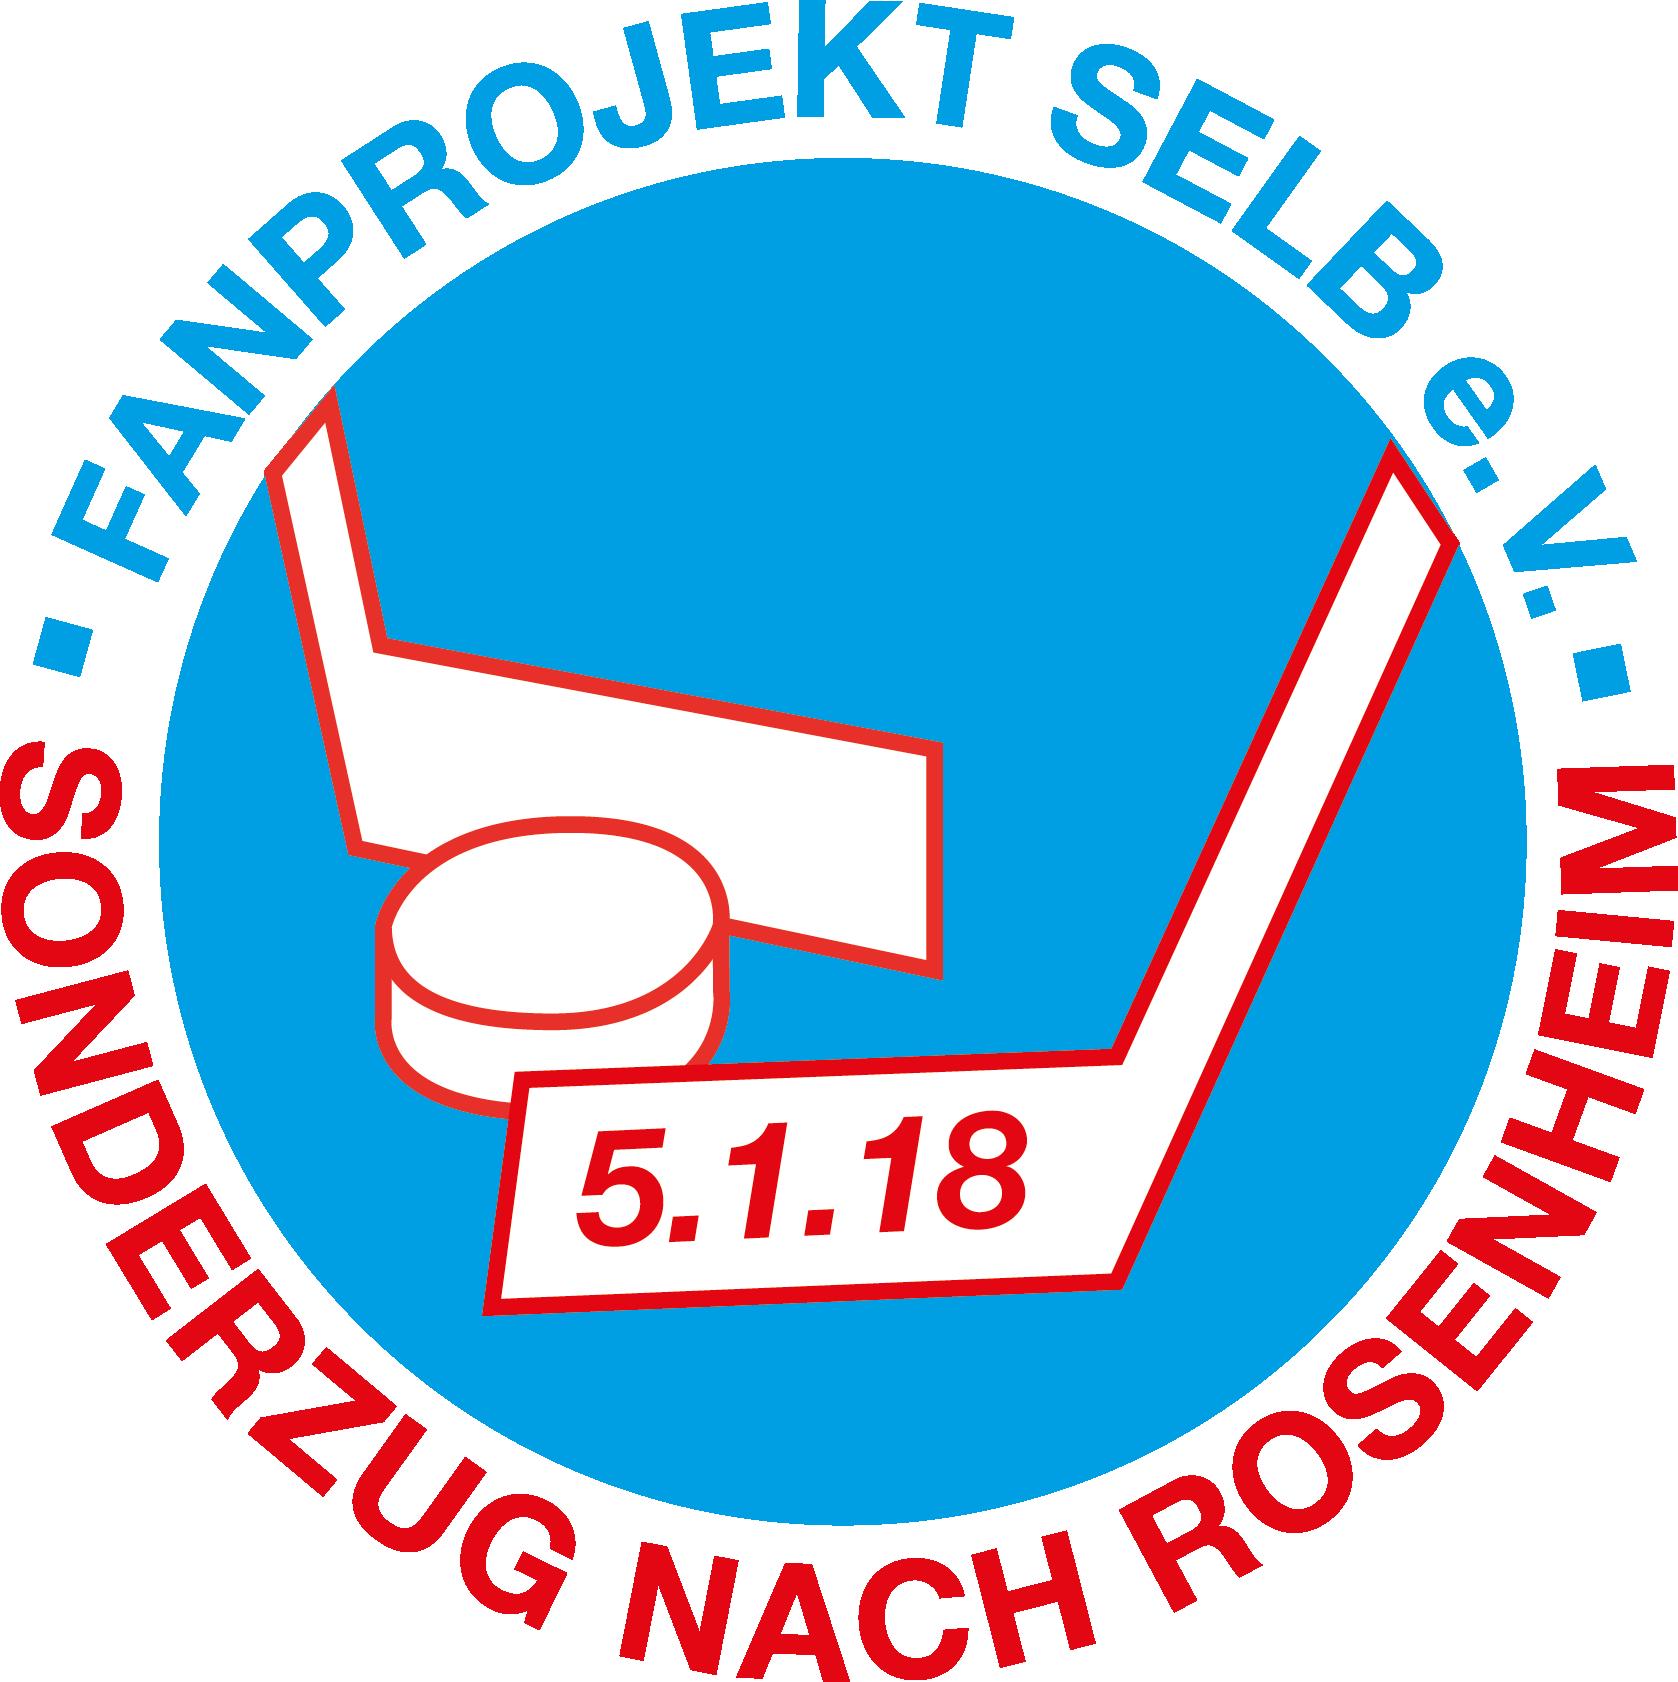 Nur Noch 25 Tage – Dann Rollt Der 4. Sonderzug Nach Rosenheim